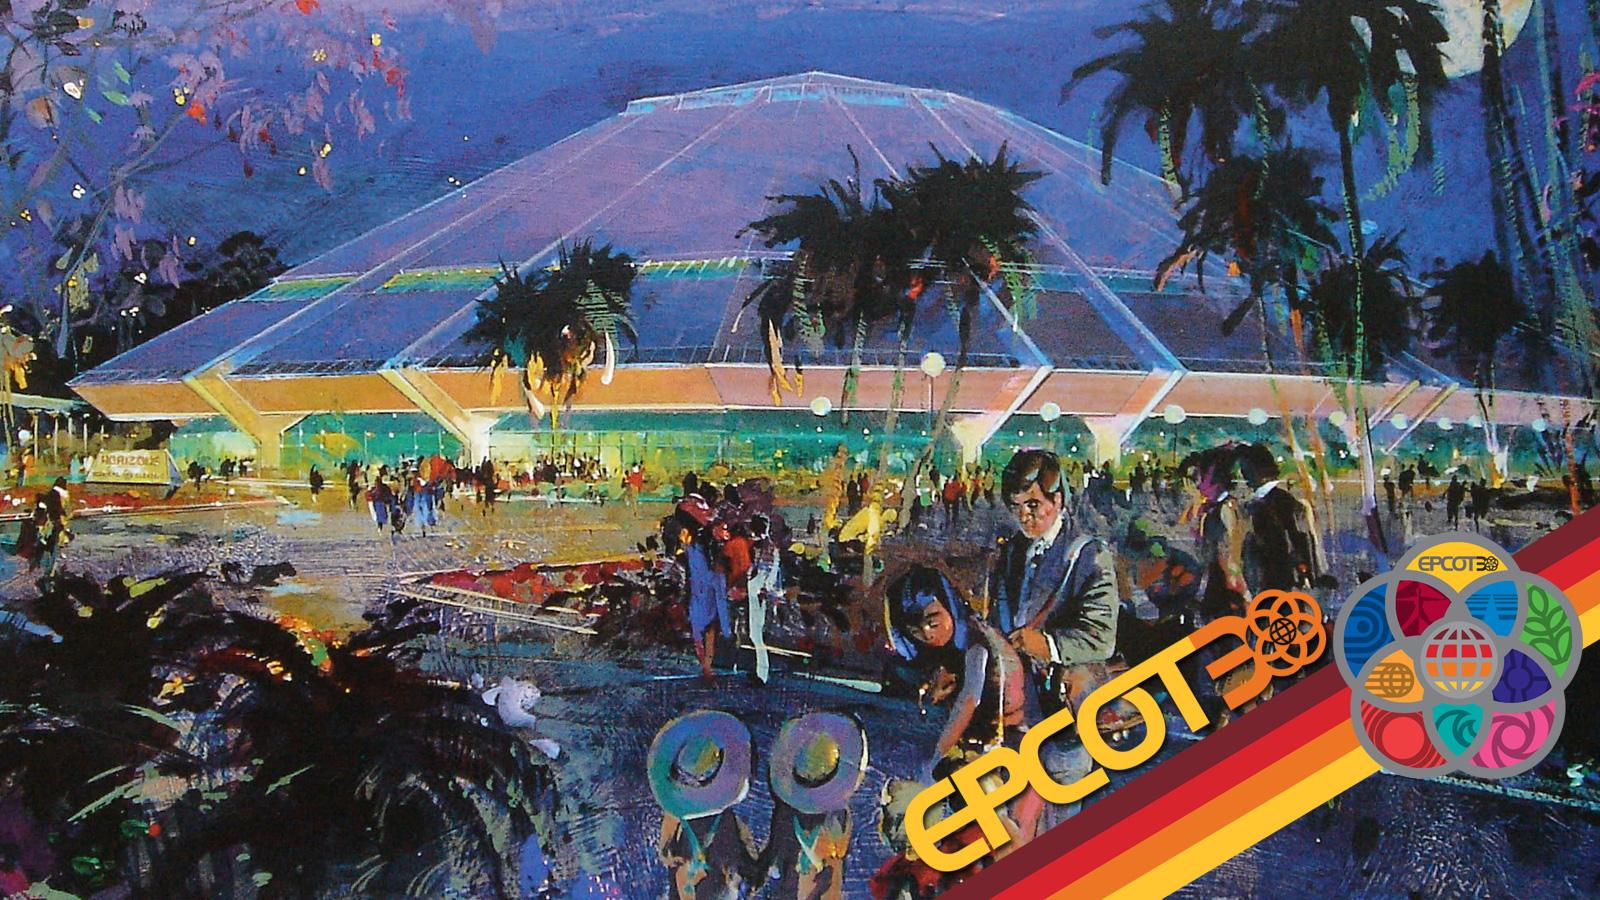 Epcot wallpaper hd